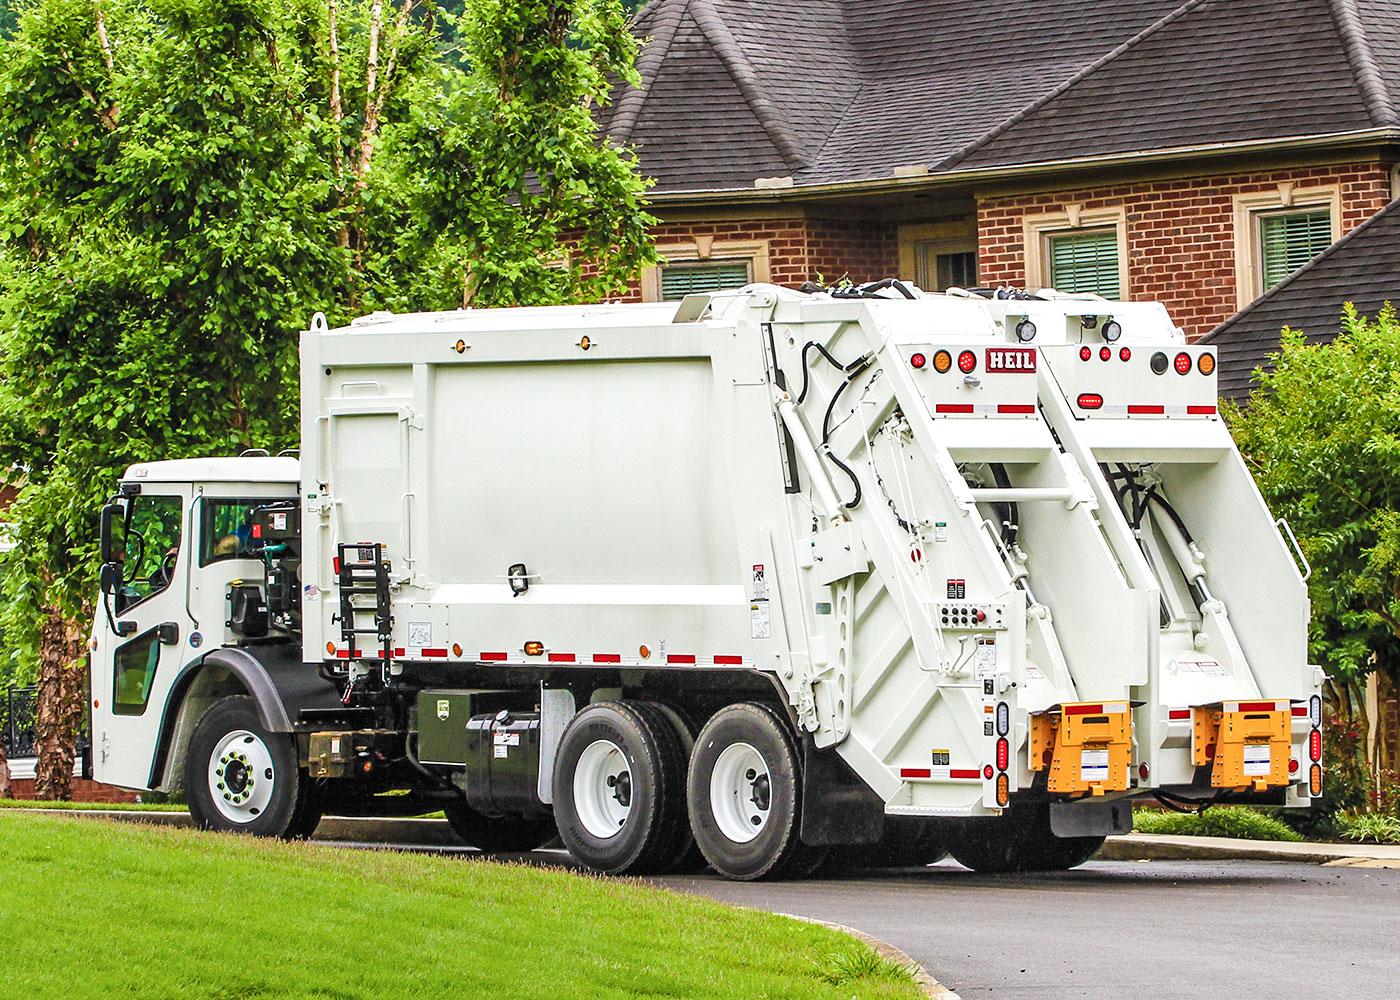 DuraPack 4060 Split Body Rear Load Garbage Truck